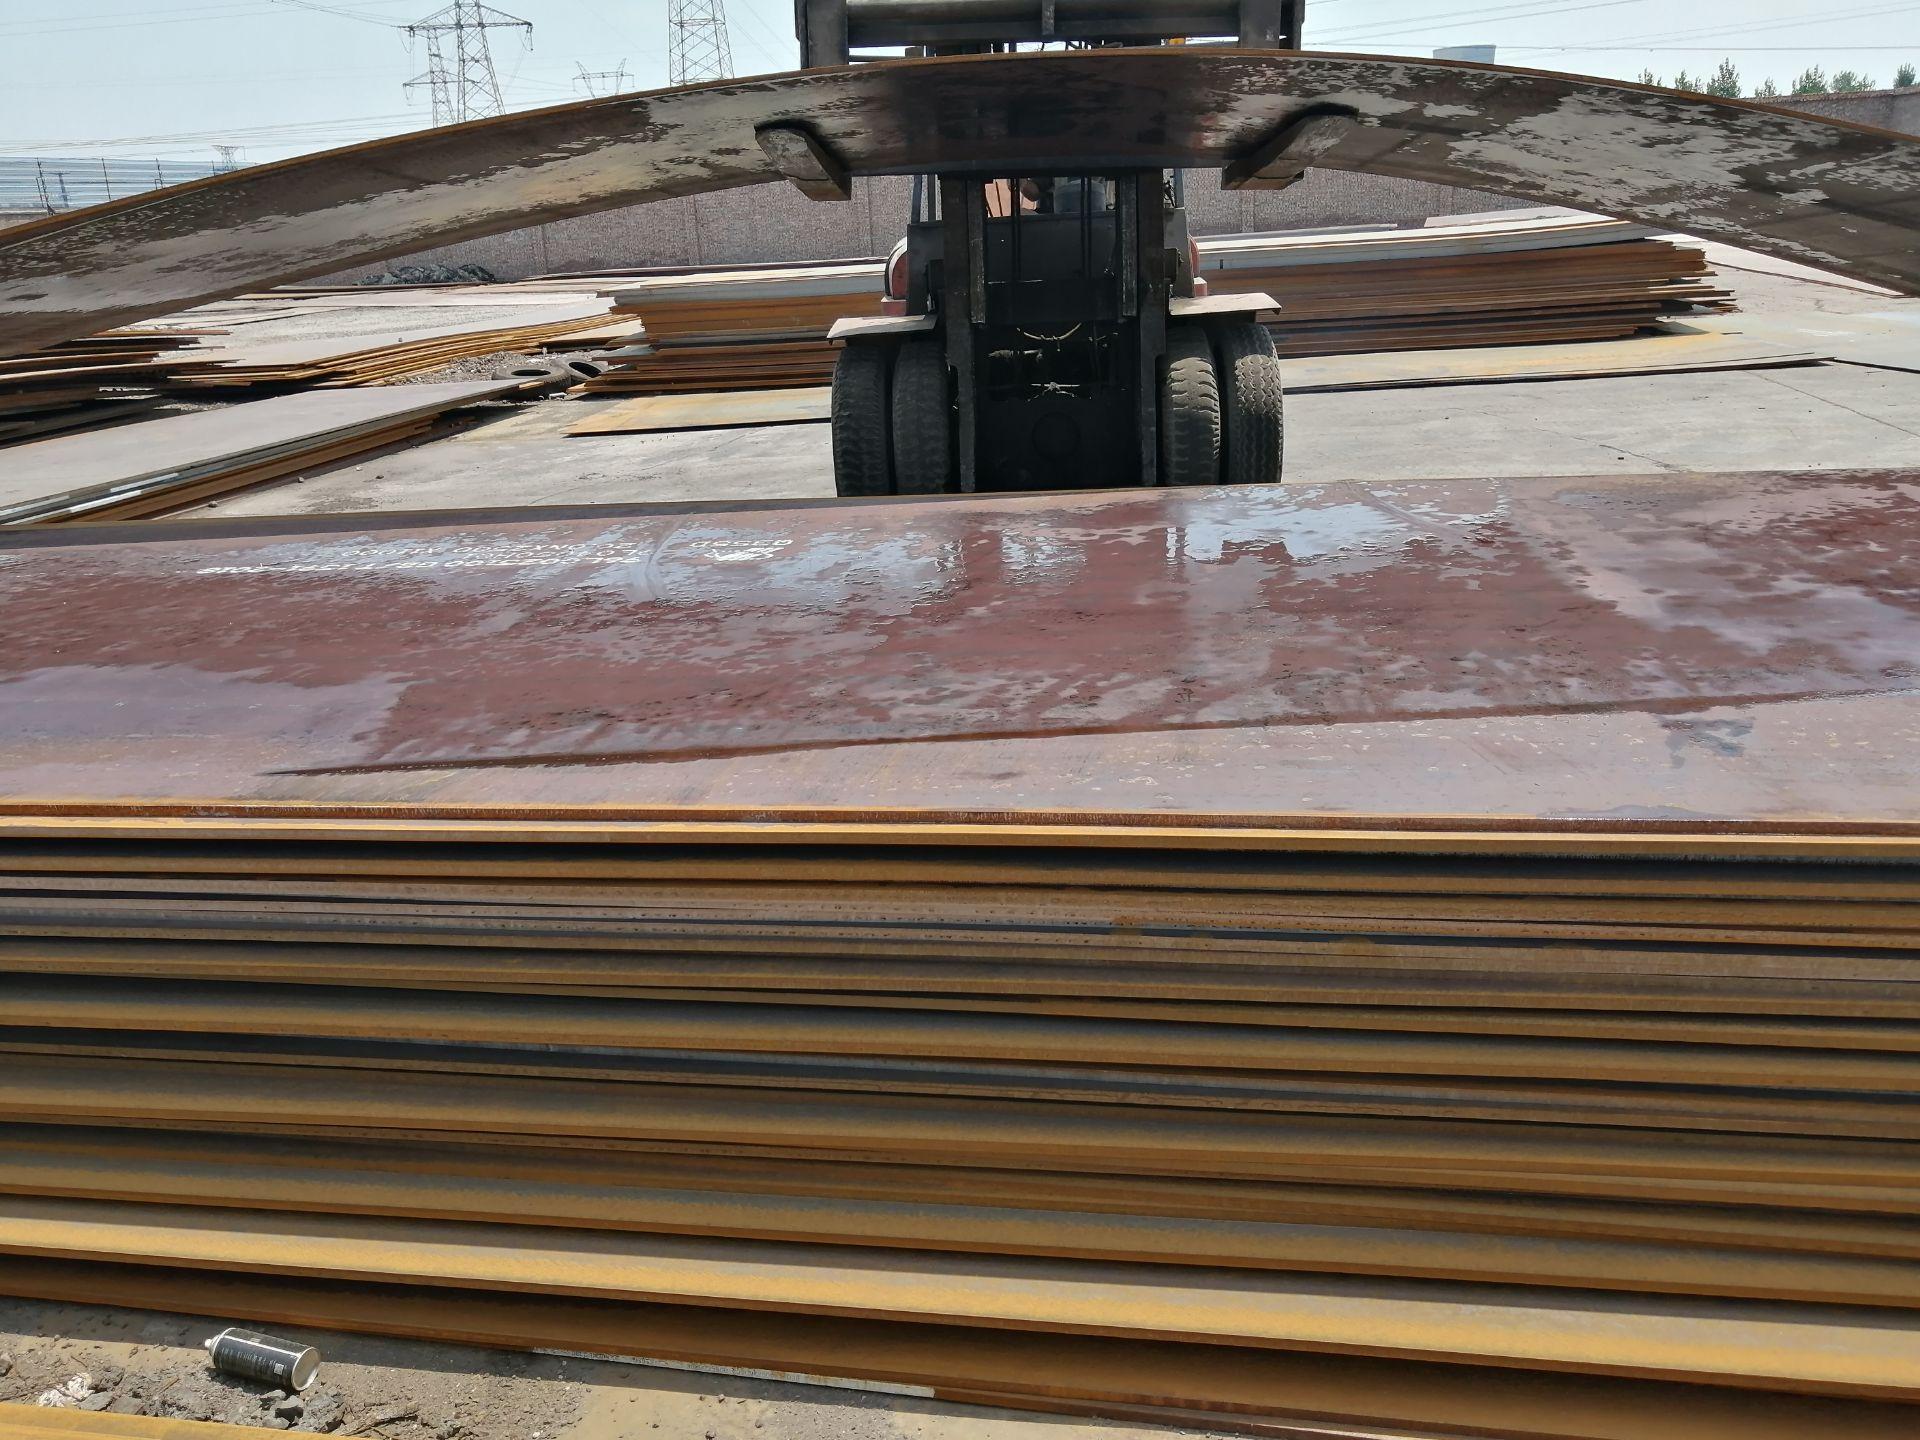 高強Q550B,Q550C鋼板等級分別